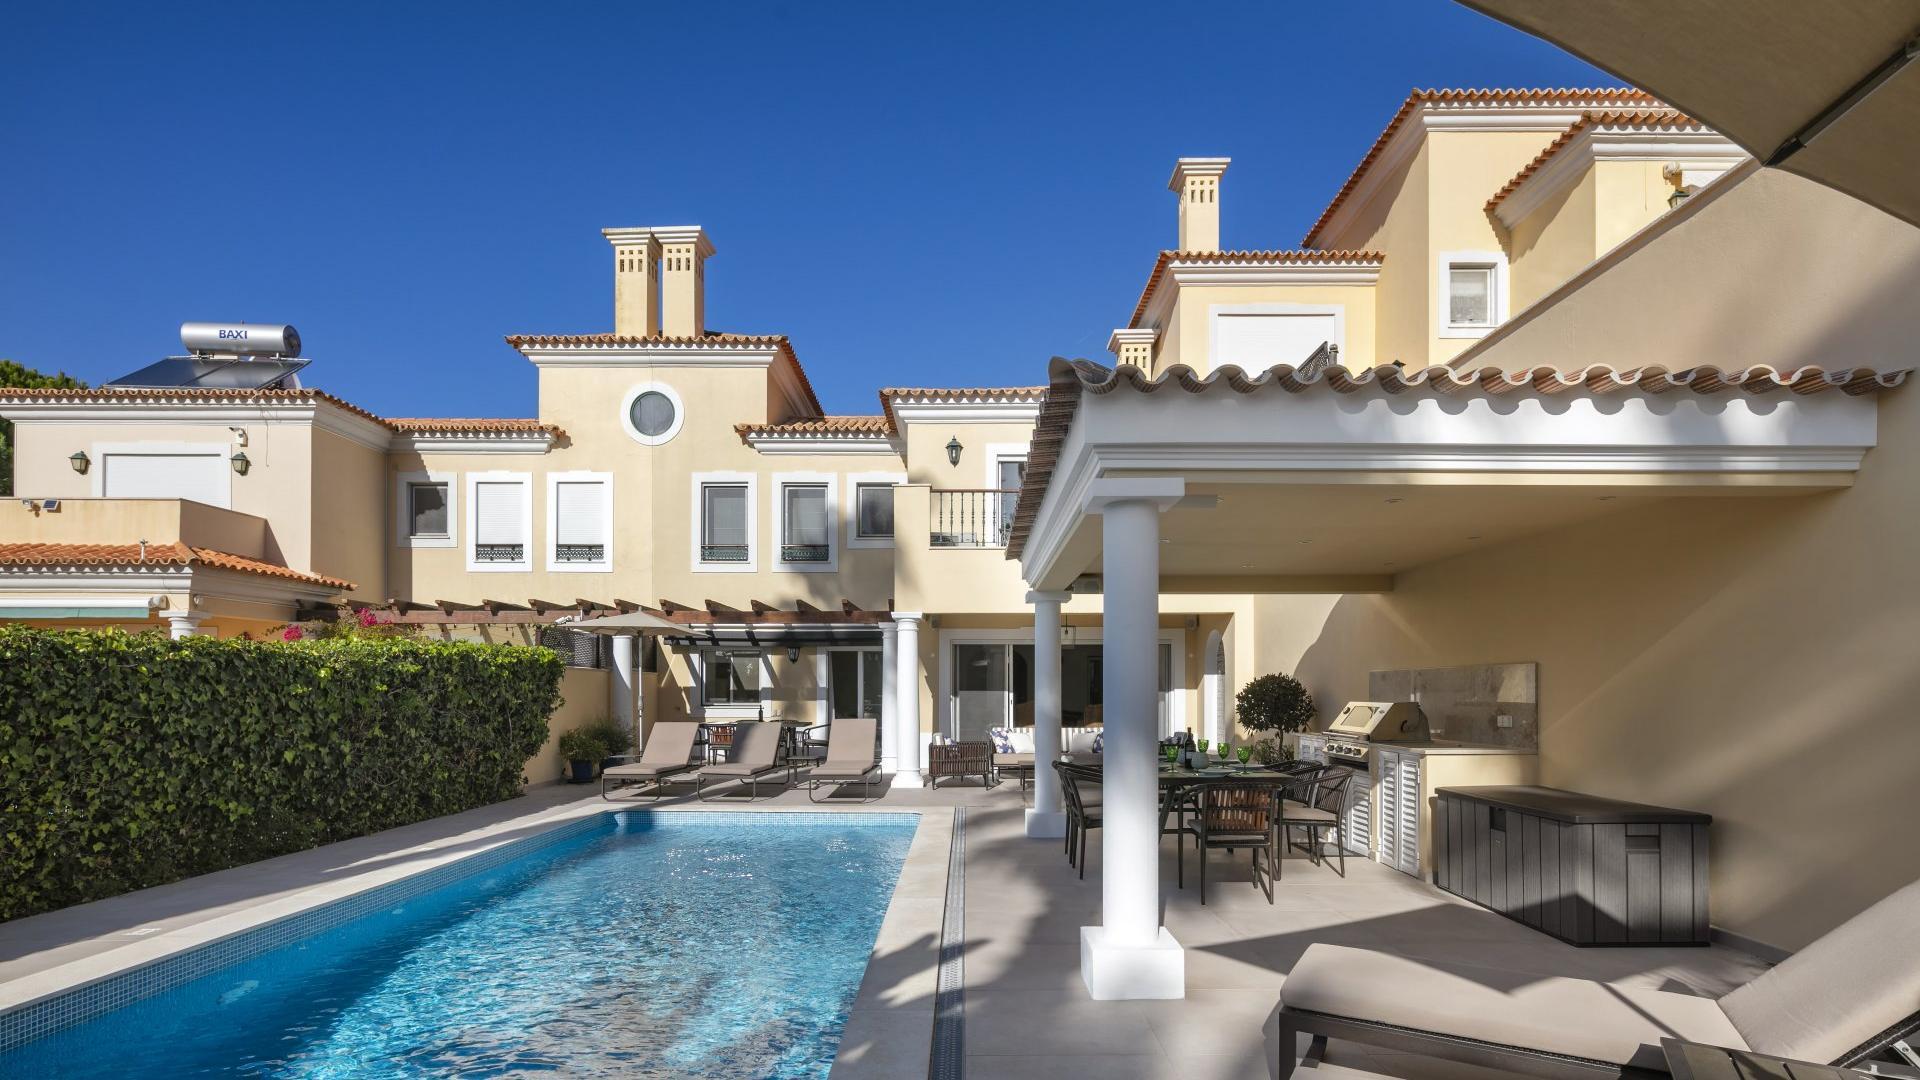 Villa Tiago - Fazenda Santiago, Vale do Lobo, Algarve - 256A0732.jpg